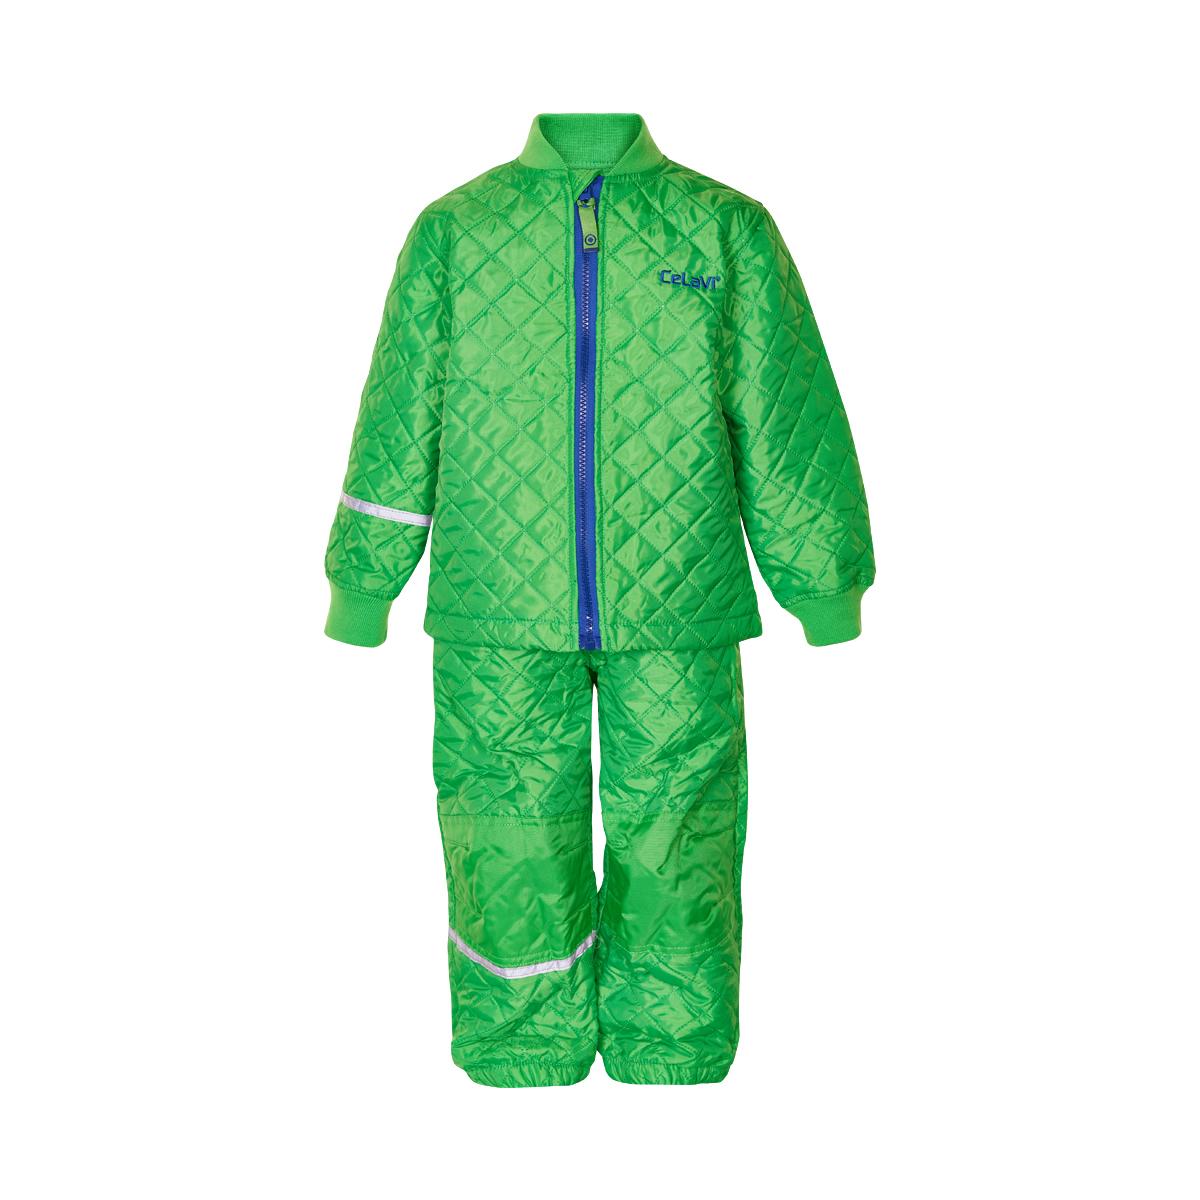 CeLaVi dětský termo oblek 3555-974